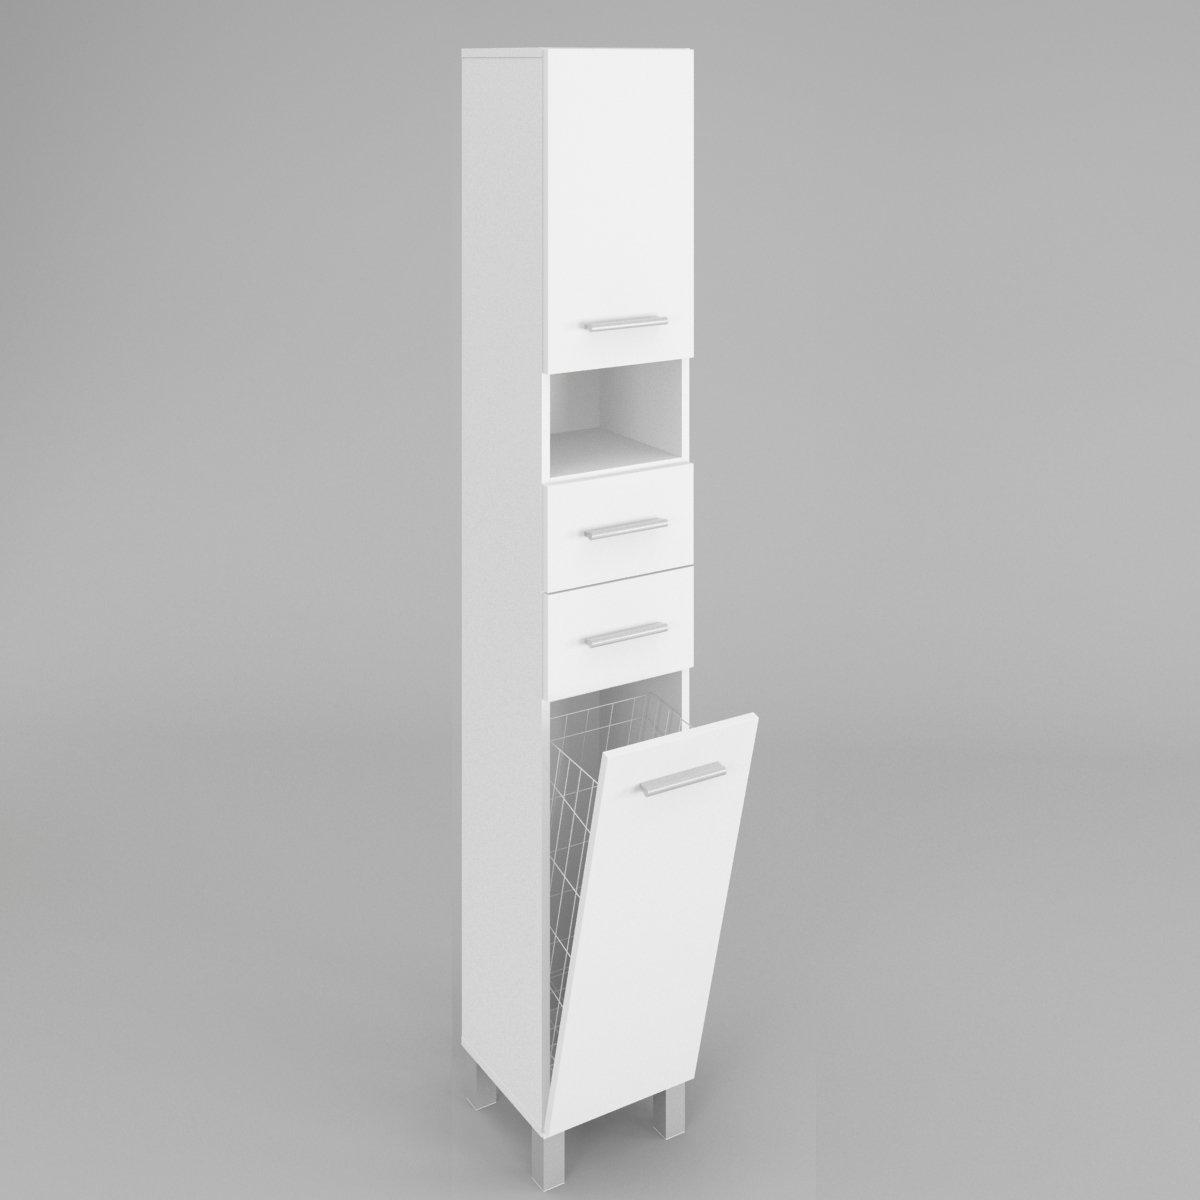 Badezimmerschrank Badmöbel HOCHSCHRANK SW4 mit wäschekorb in Weiß ...